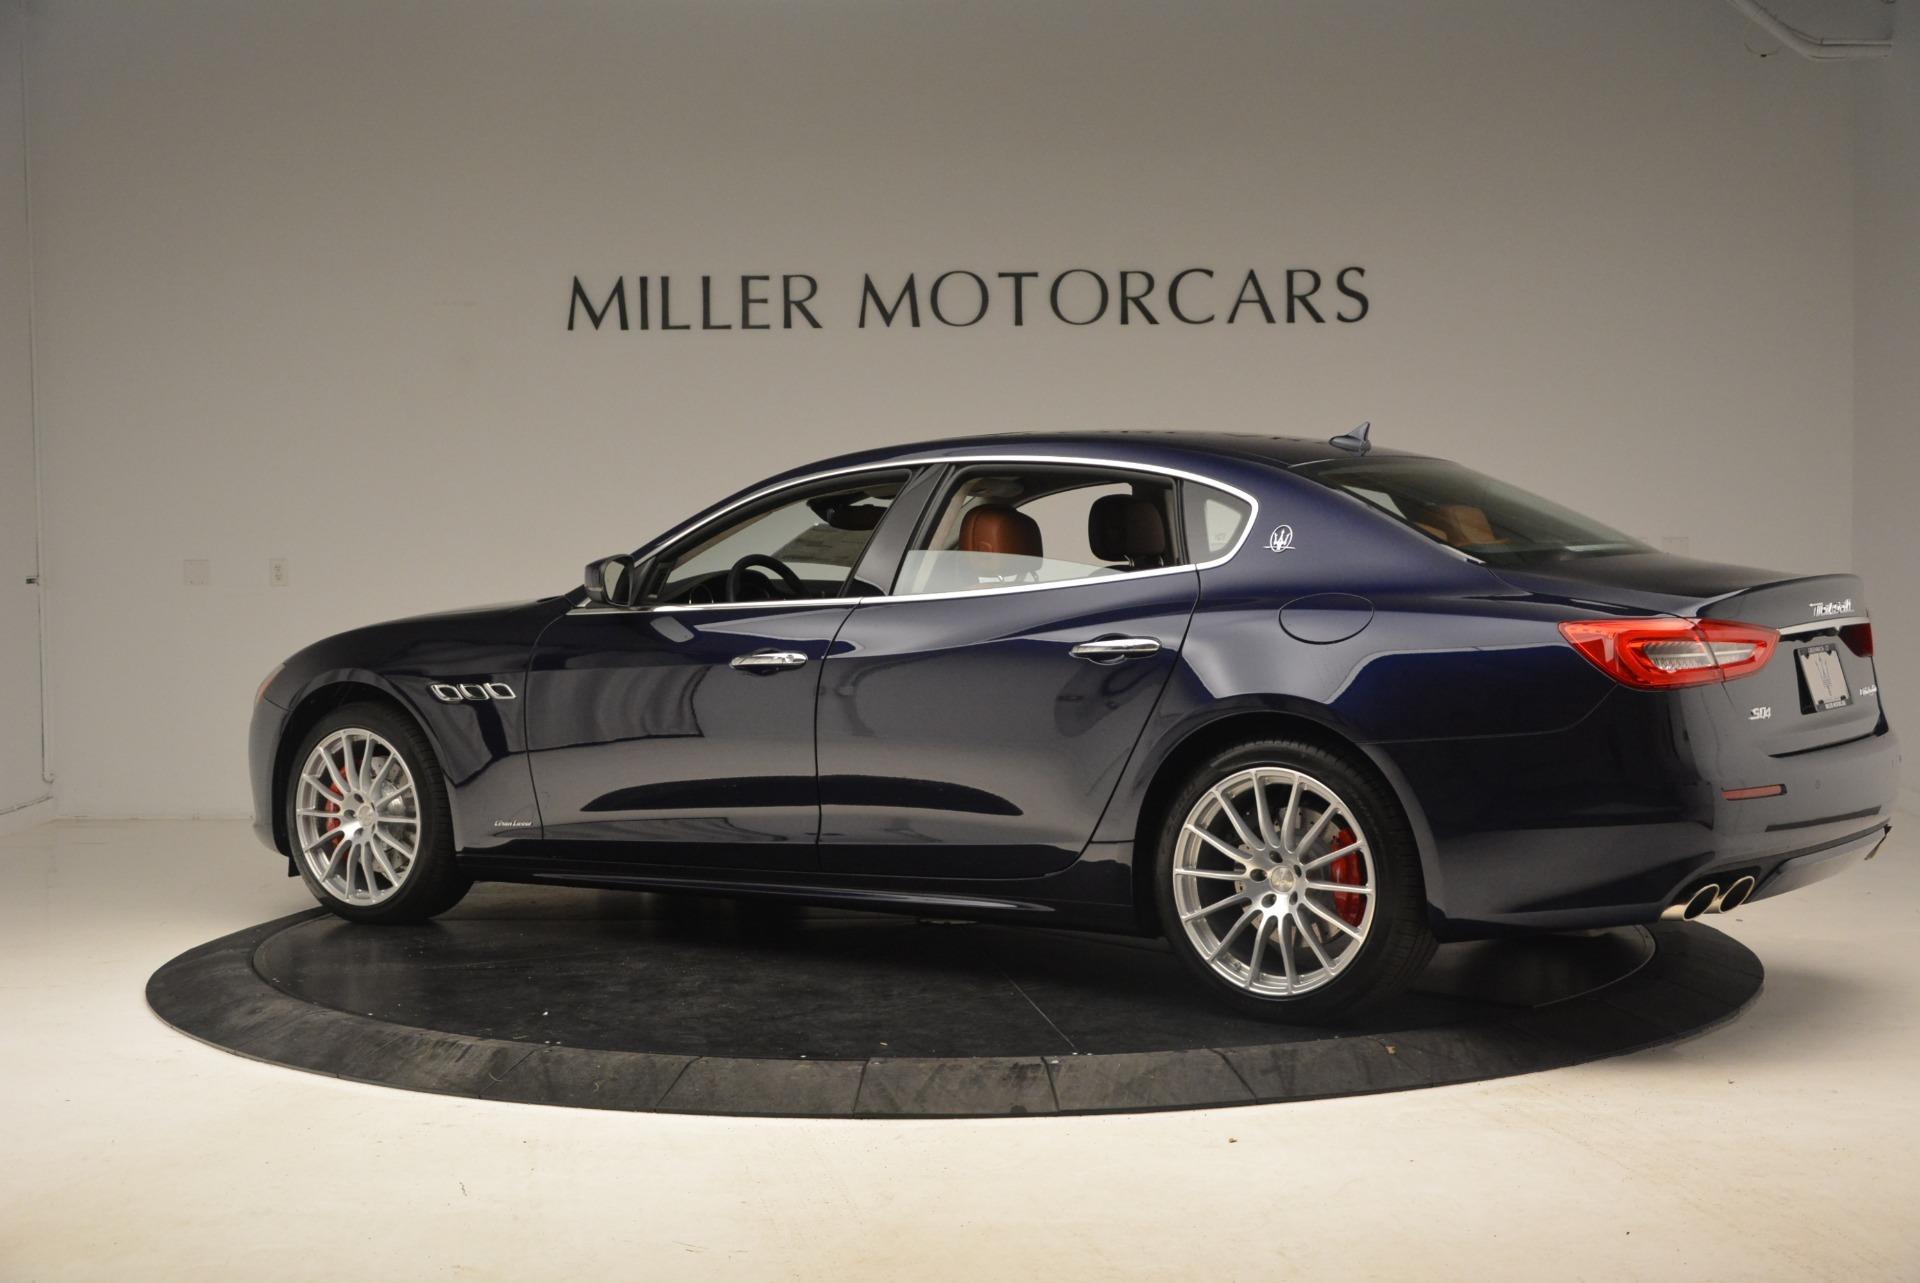 New 2019 Maserati Quattroporte S Q4 GranSport For Sale In Greenwich, CT. Alfa Romeo of Greenwich, M2224 2591_p4